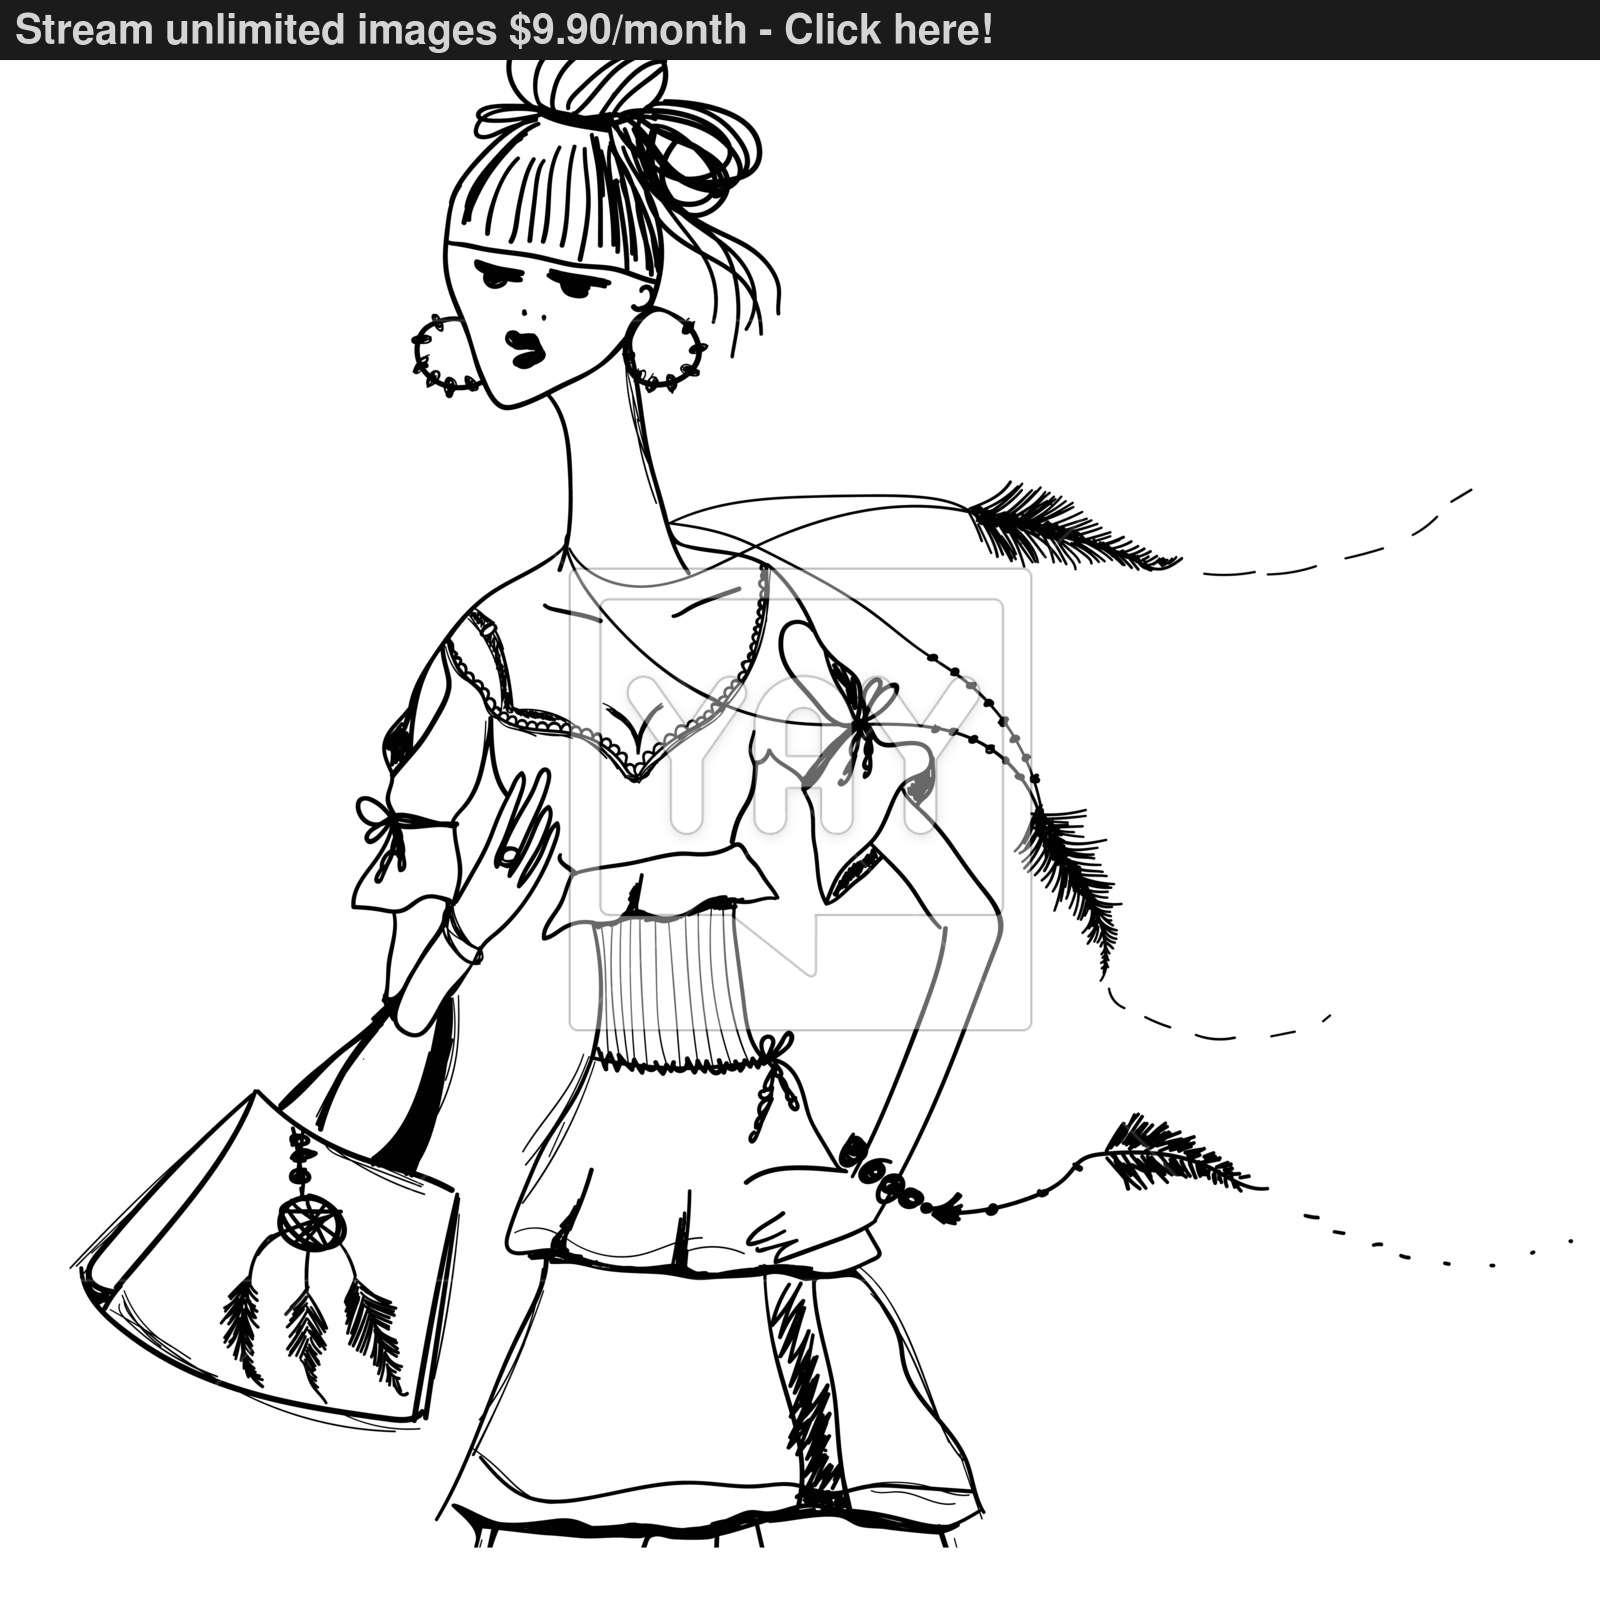 1600x1600 Sketch Of Girl In Gypsy Dress. Boho Style. Linear Pattern On